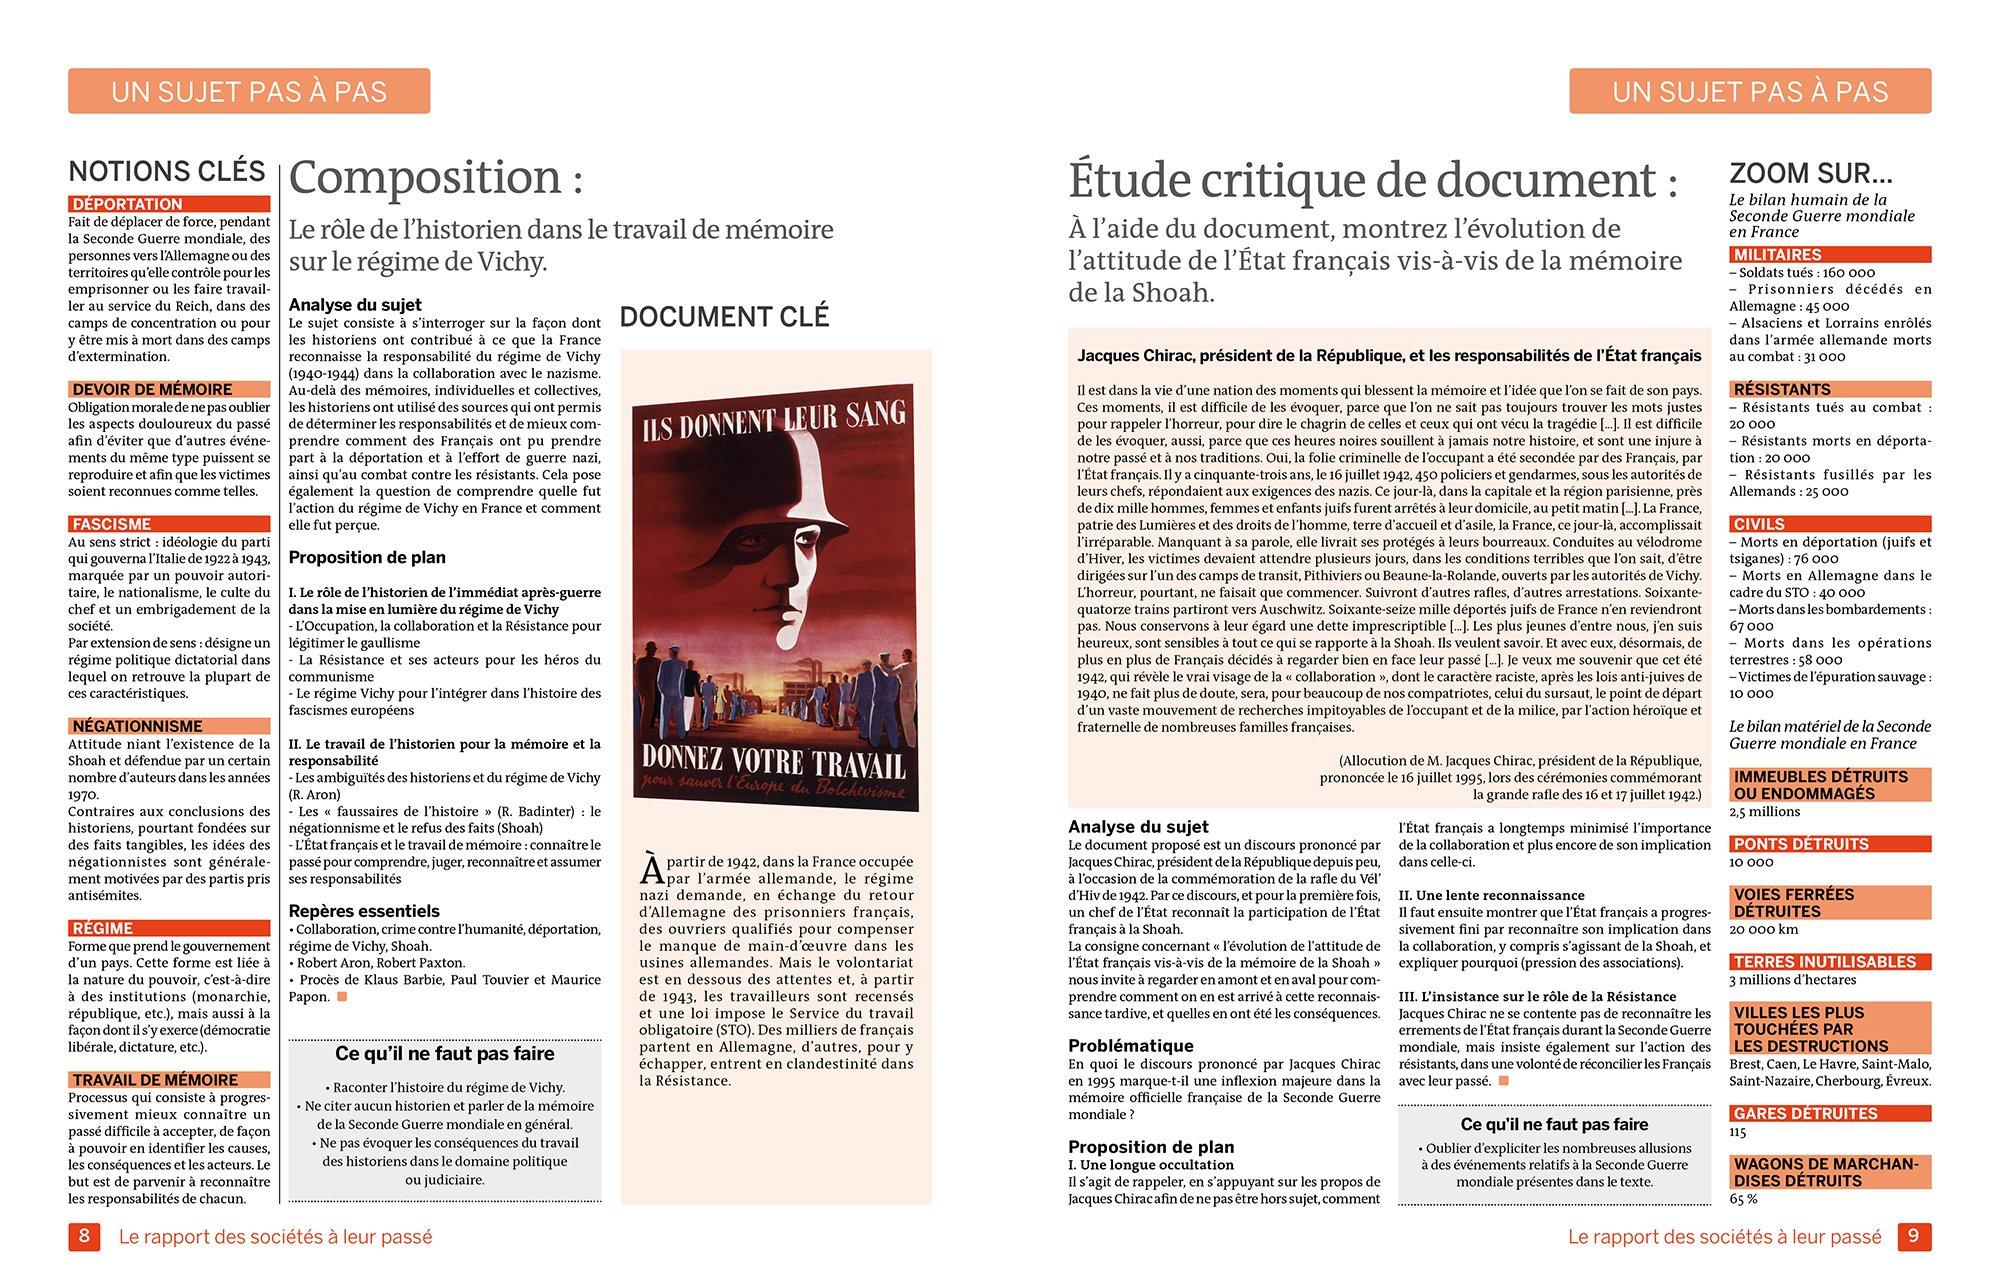 Reviser Son Bac avec Le Monde : Histoire, Édition 2017 (French Edition): Collectif, Rue des ecoles: 9782820805980: Amazon.com: Books